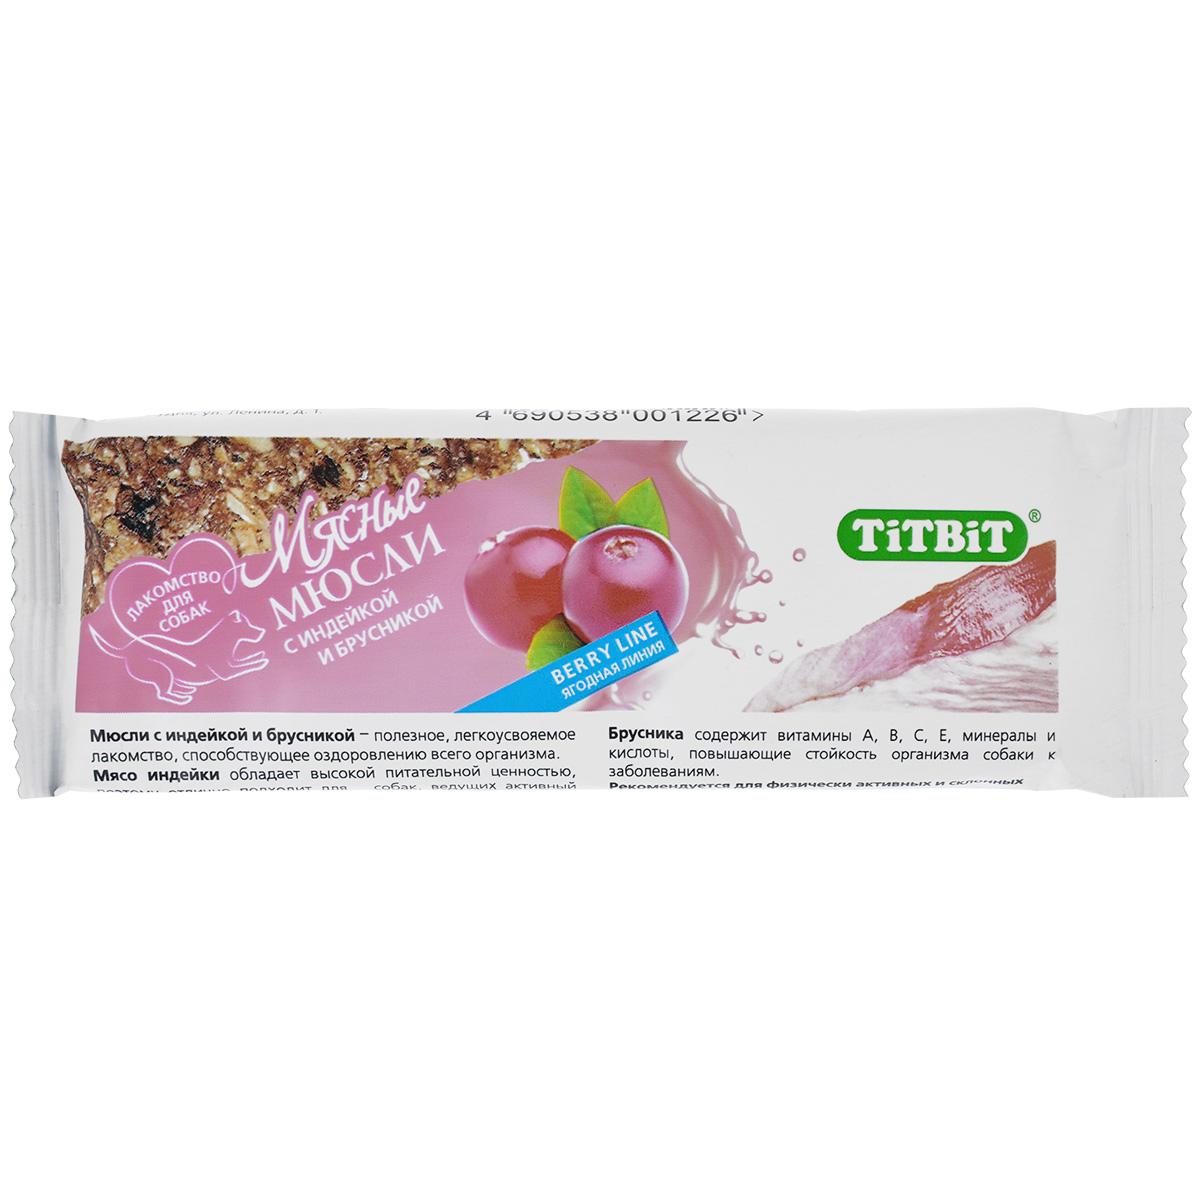 Лакомство для собак Titbit Berry, мясные мюсли с индейкой и брусникой1523Мясные мюсли для собак Titbit Berry – это легкое низкокалорийное полезное лакомство, на основе злаковых составляющих с добавлением мяса, фруктов и ягод. Рекомендуется для физически активных и склонных к полноте собак всех пород. Высокая питательная ценность. Содержит витамины А, В, С, Е, минералы и кислоты, повышающие резистентность организма. Для собак, ведущих активный образ жизни. Состав: Овсяные хлопья 24%, индейка 20%, кукурузный крахмал 16%, отруби 9%, брусника 8%, яблоки 6%, тыква 6%, мед 4%, масло растительное 2%, фруктоза 2%, дрожжевой экстракт 2%, фитокомплекс экстрактов растений 1%. Товар сертифицирован.